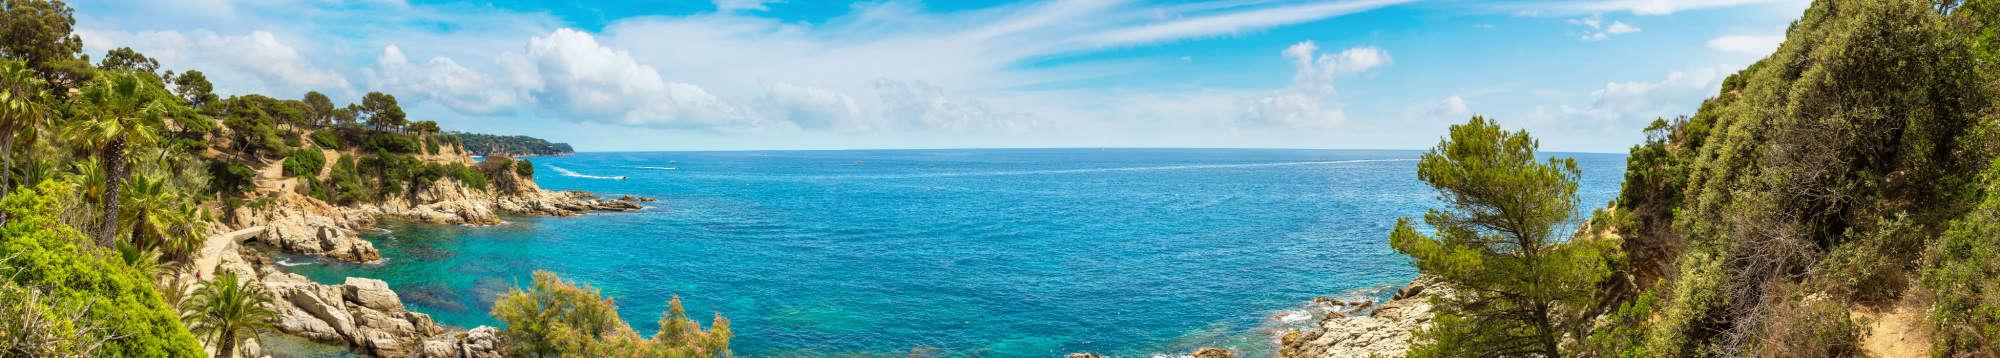 Escapadas fin de semana Vistas al Mar en Palma de Mallorca